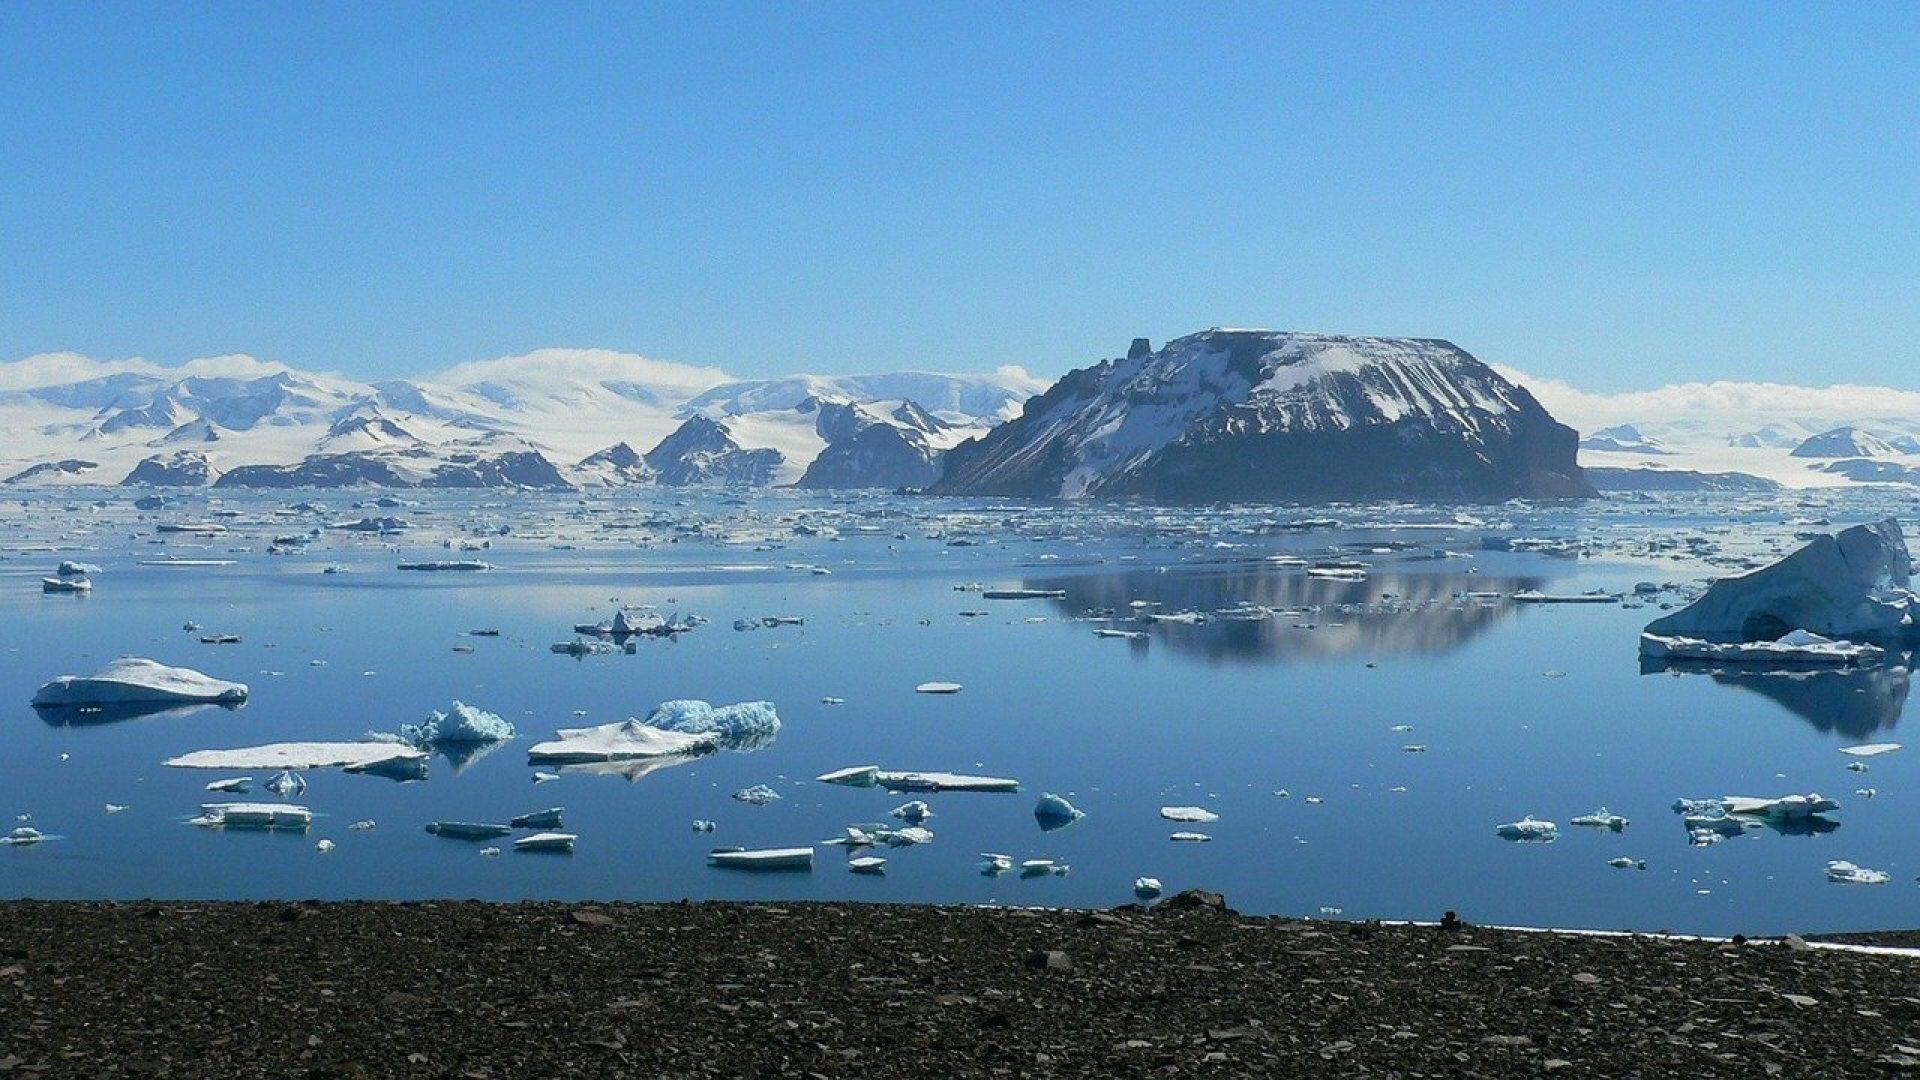 topnienie lodu na Antarktydzie - krajobraz